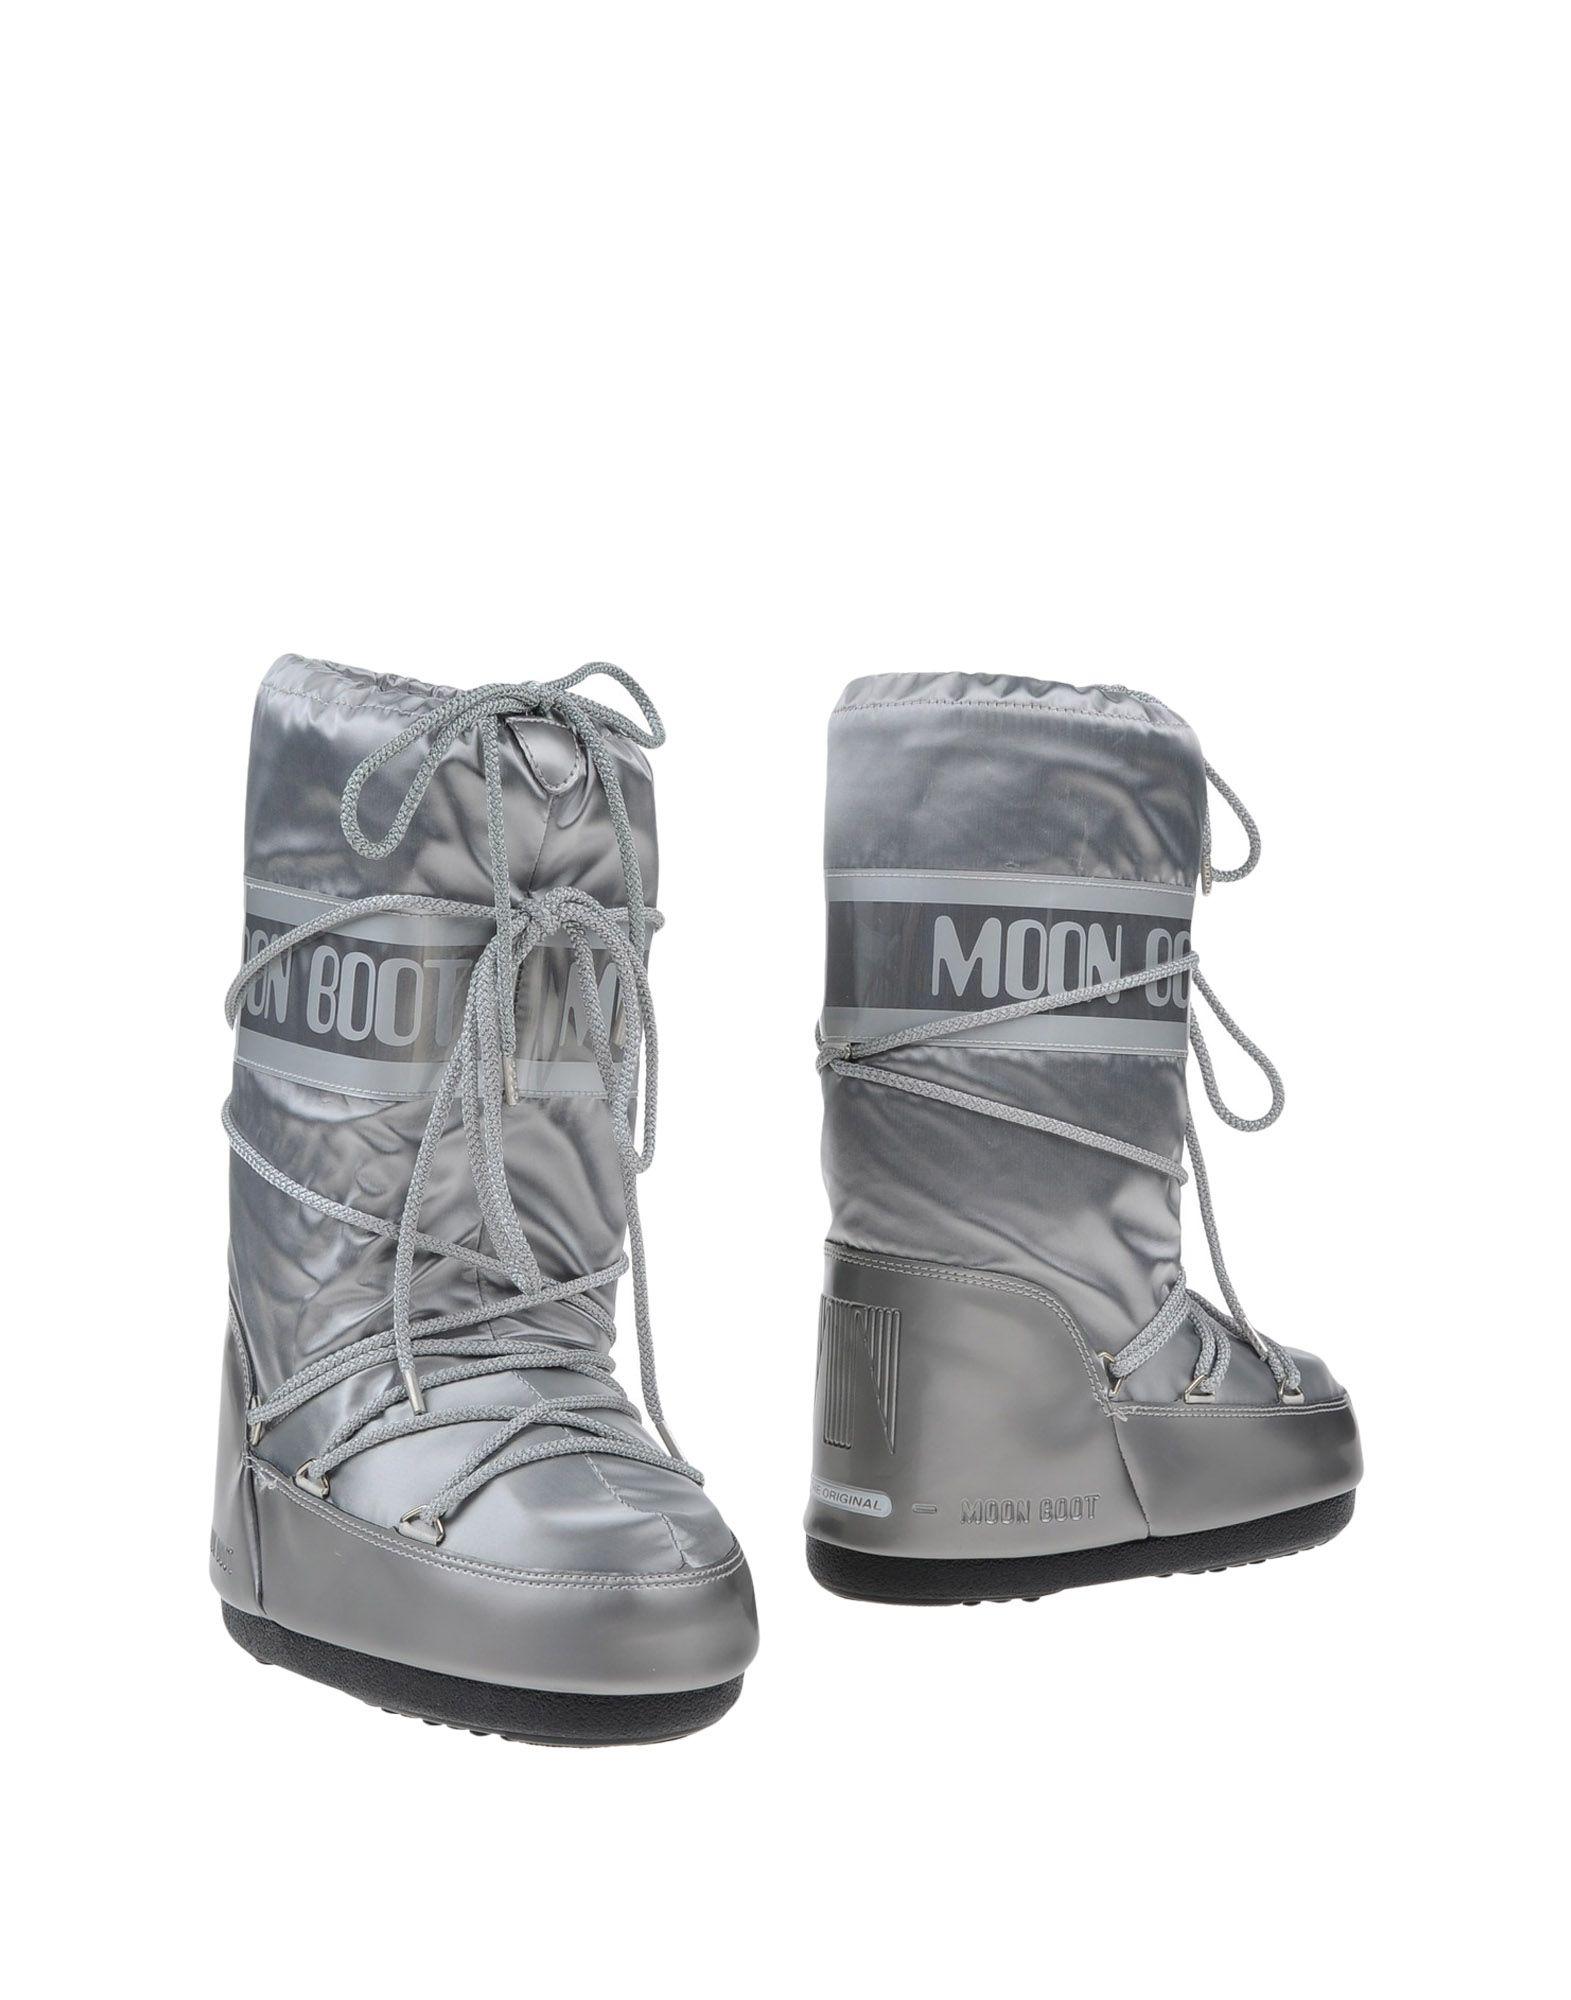 Moon Boot Moon Boot Glance  44915864PS Gute Qualität beliebte Schuhe